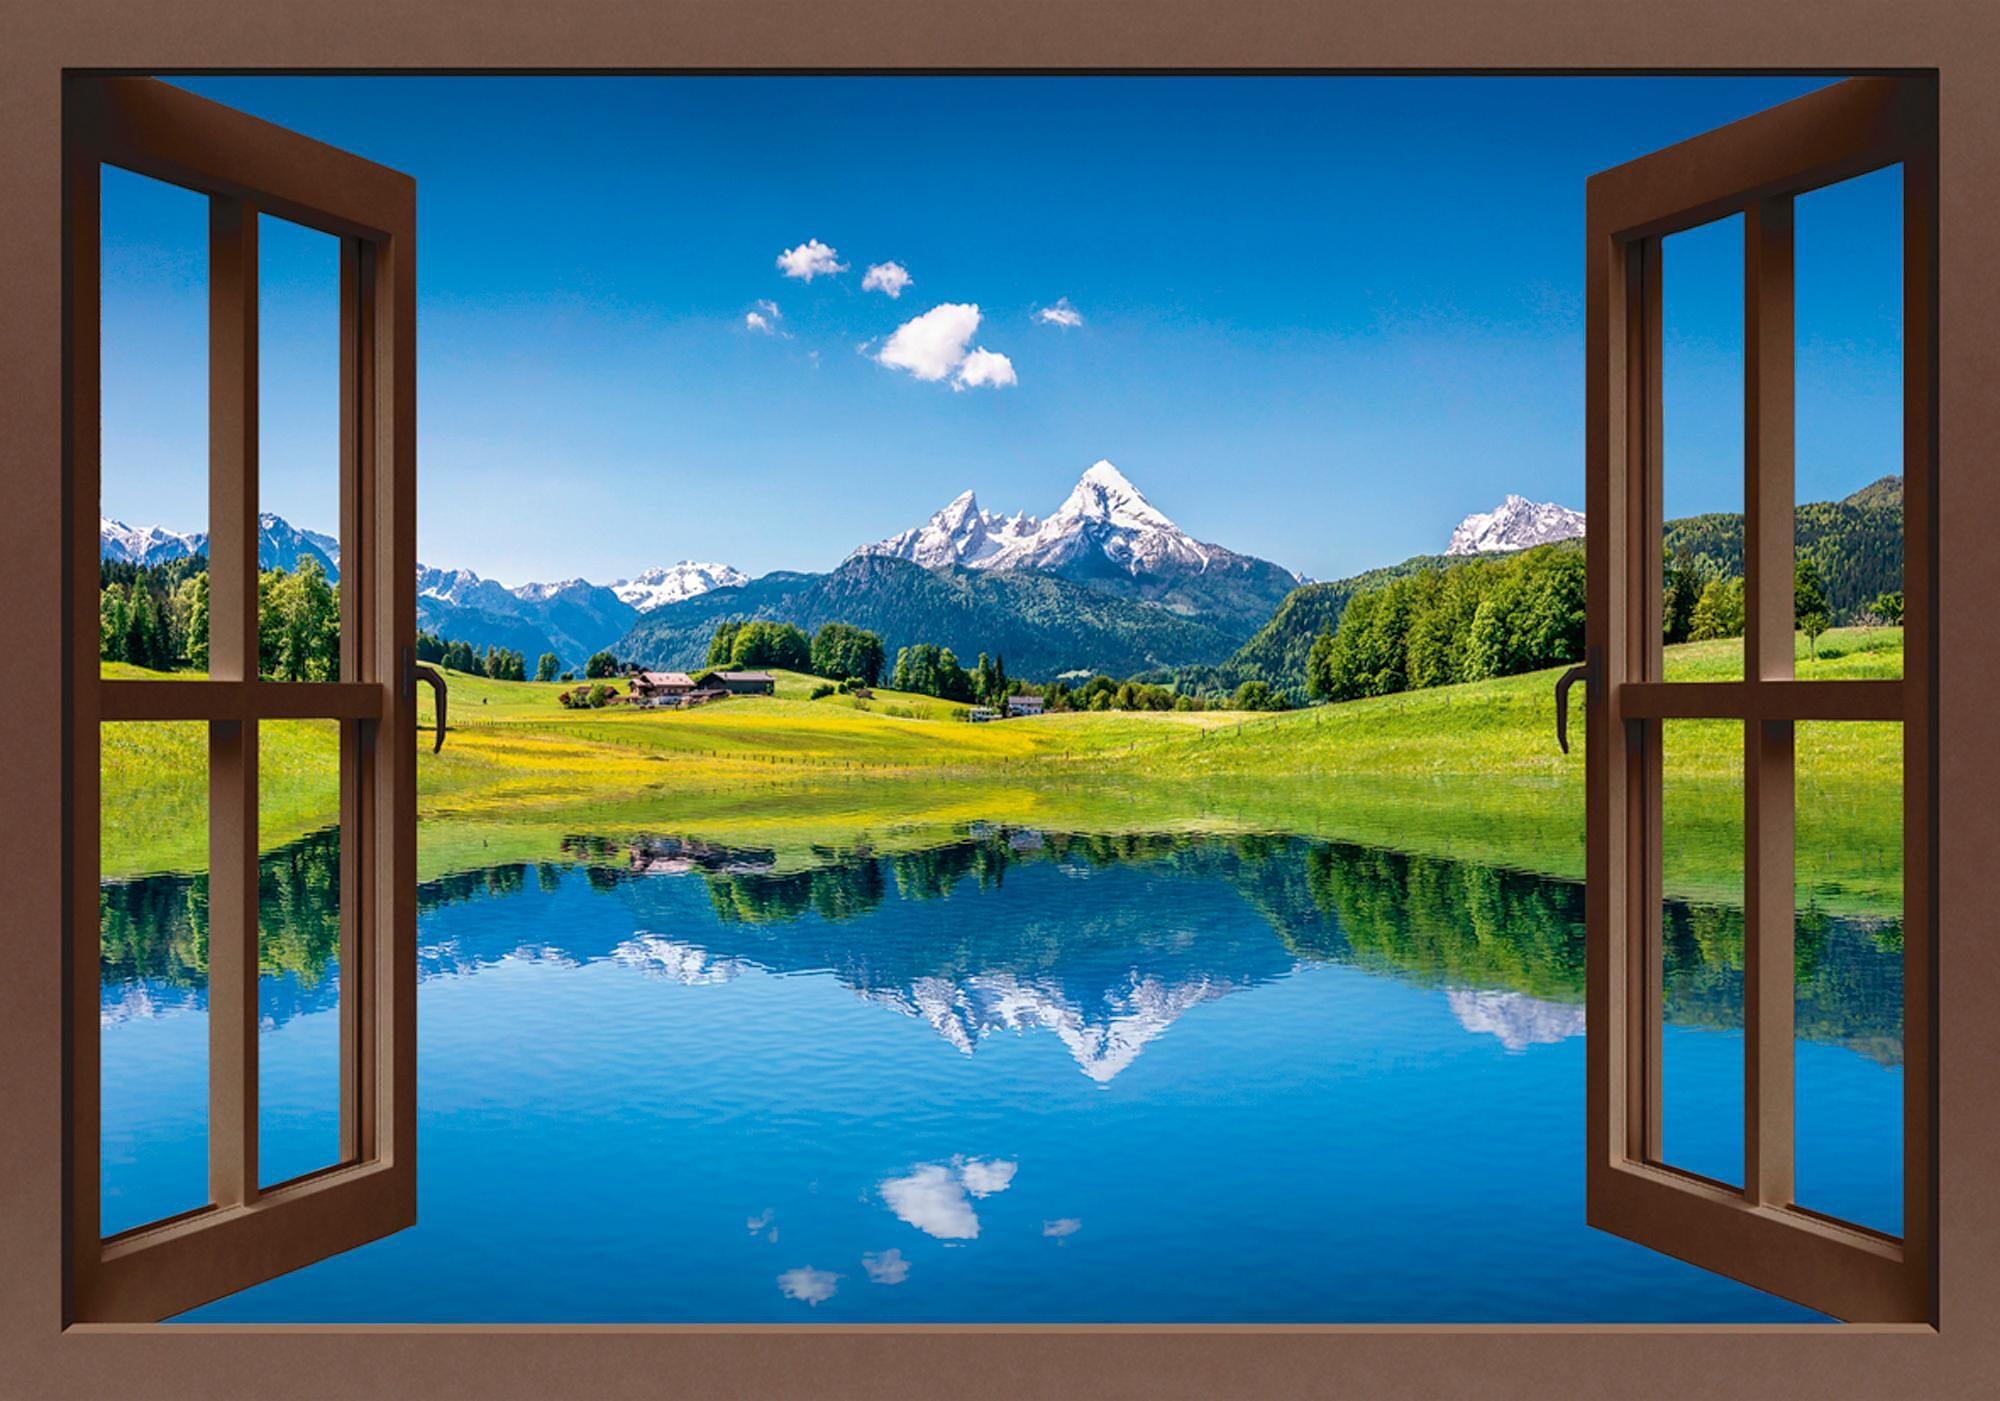 Home affaire Leinwandbild »canadastock: Panoramasicht auf eine Landschaft in den Alpen«, 100/70 cm